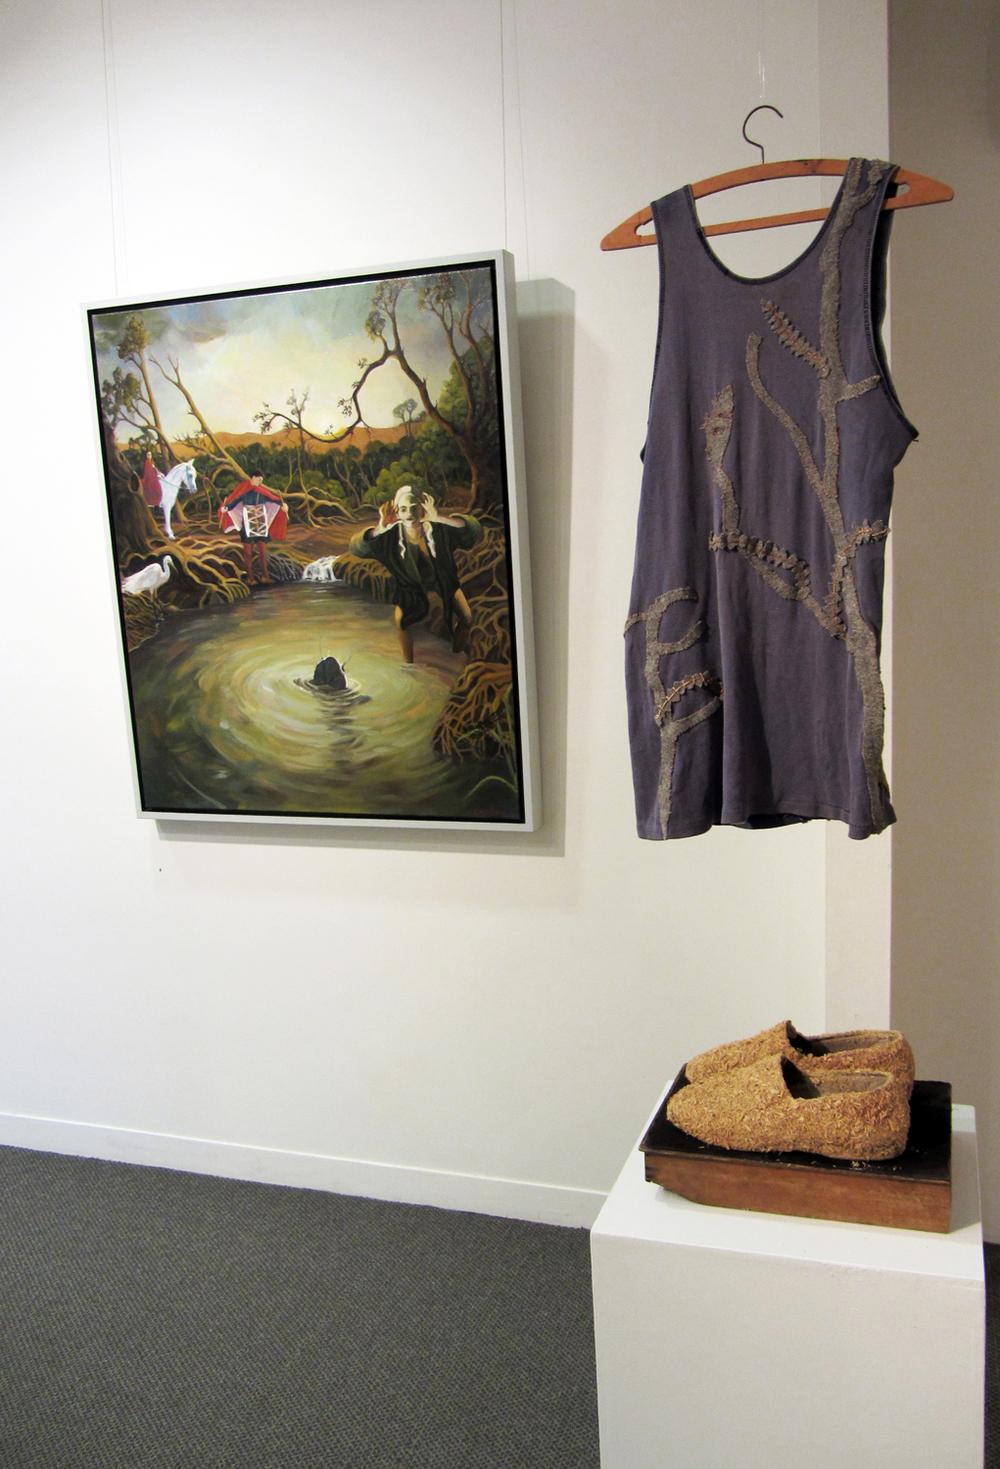 Linda van der Merwe, Nalda Searles -  Canopy  2014